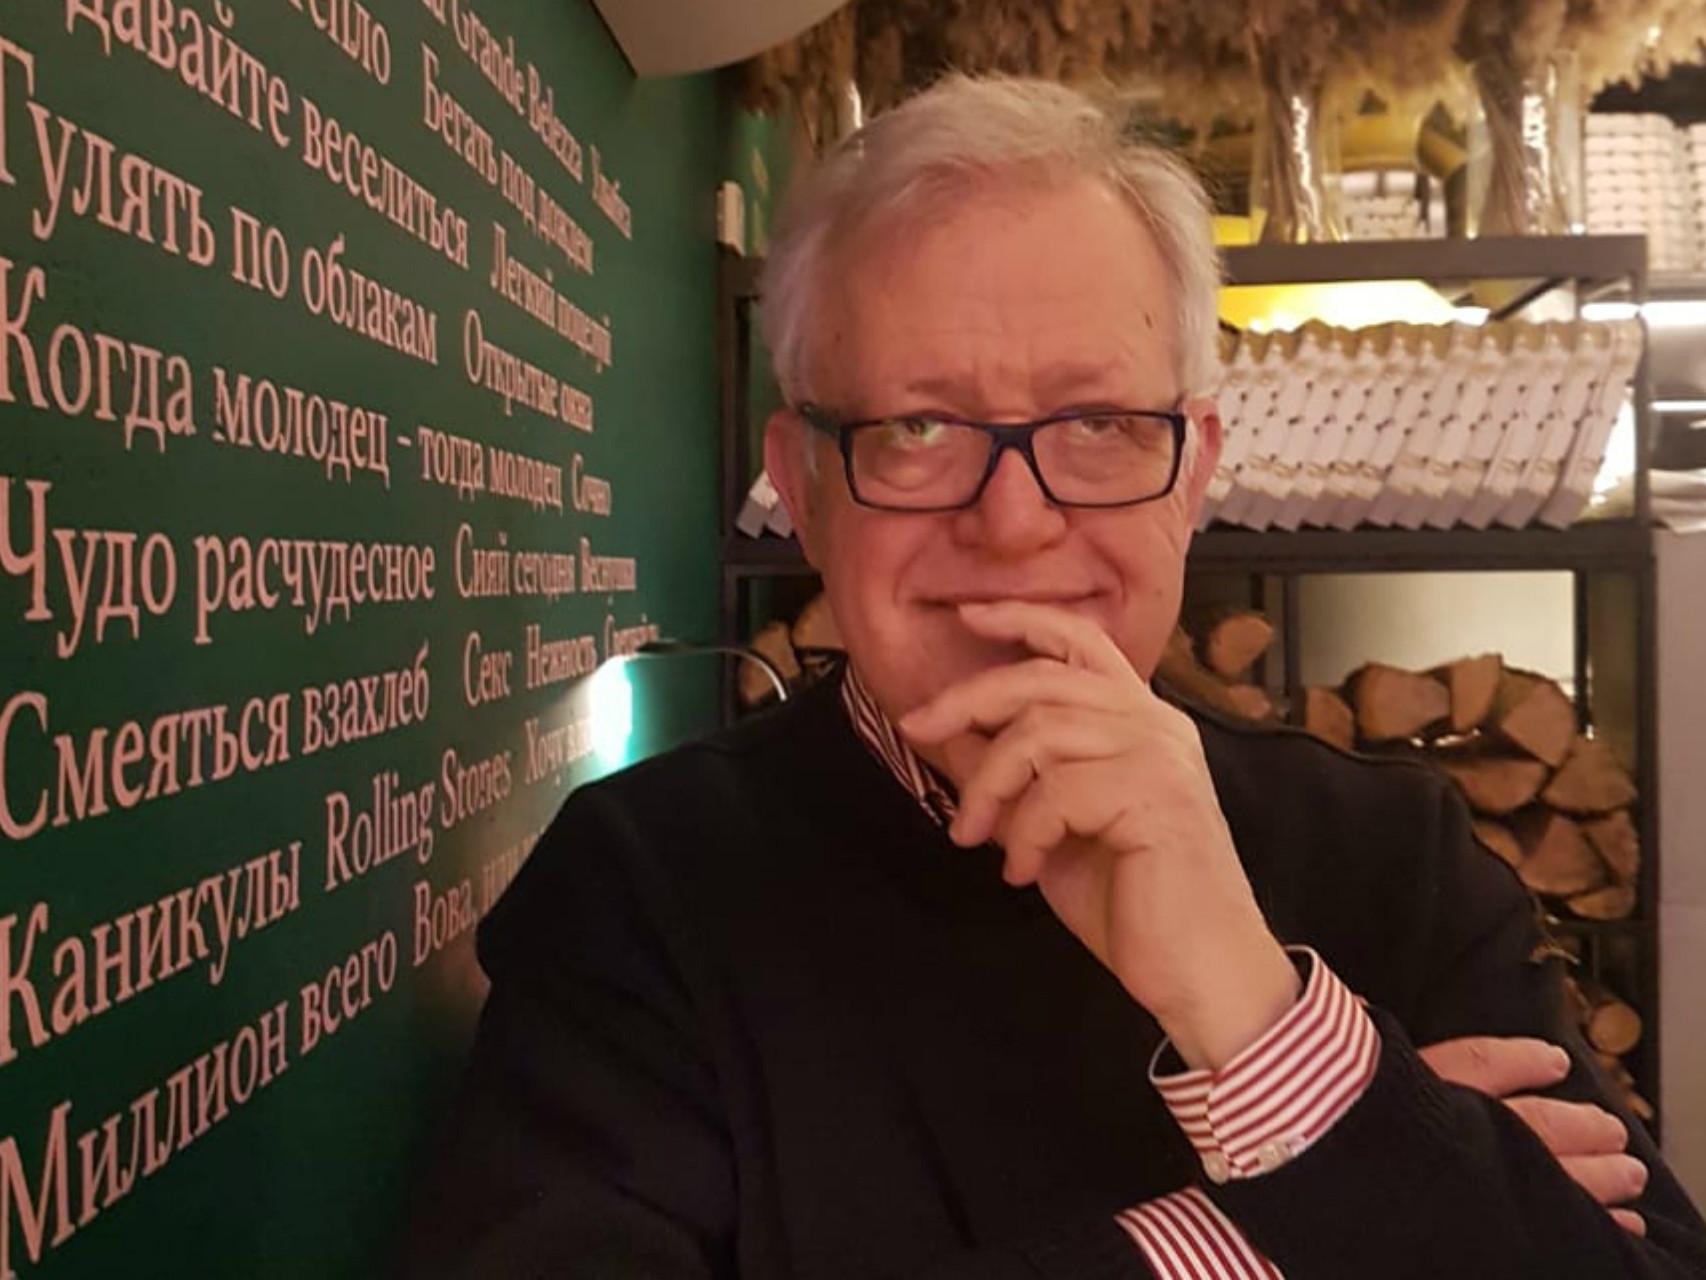 Massimo Capaccioli